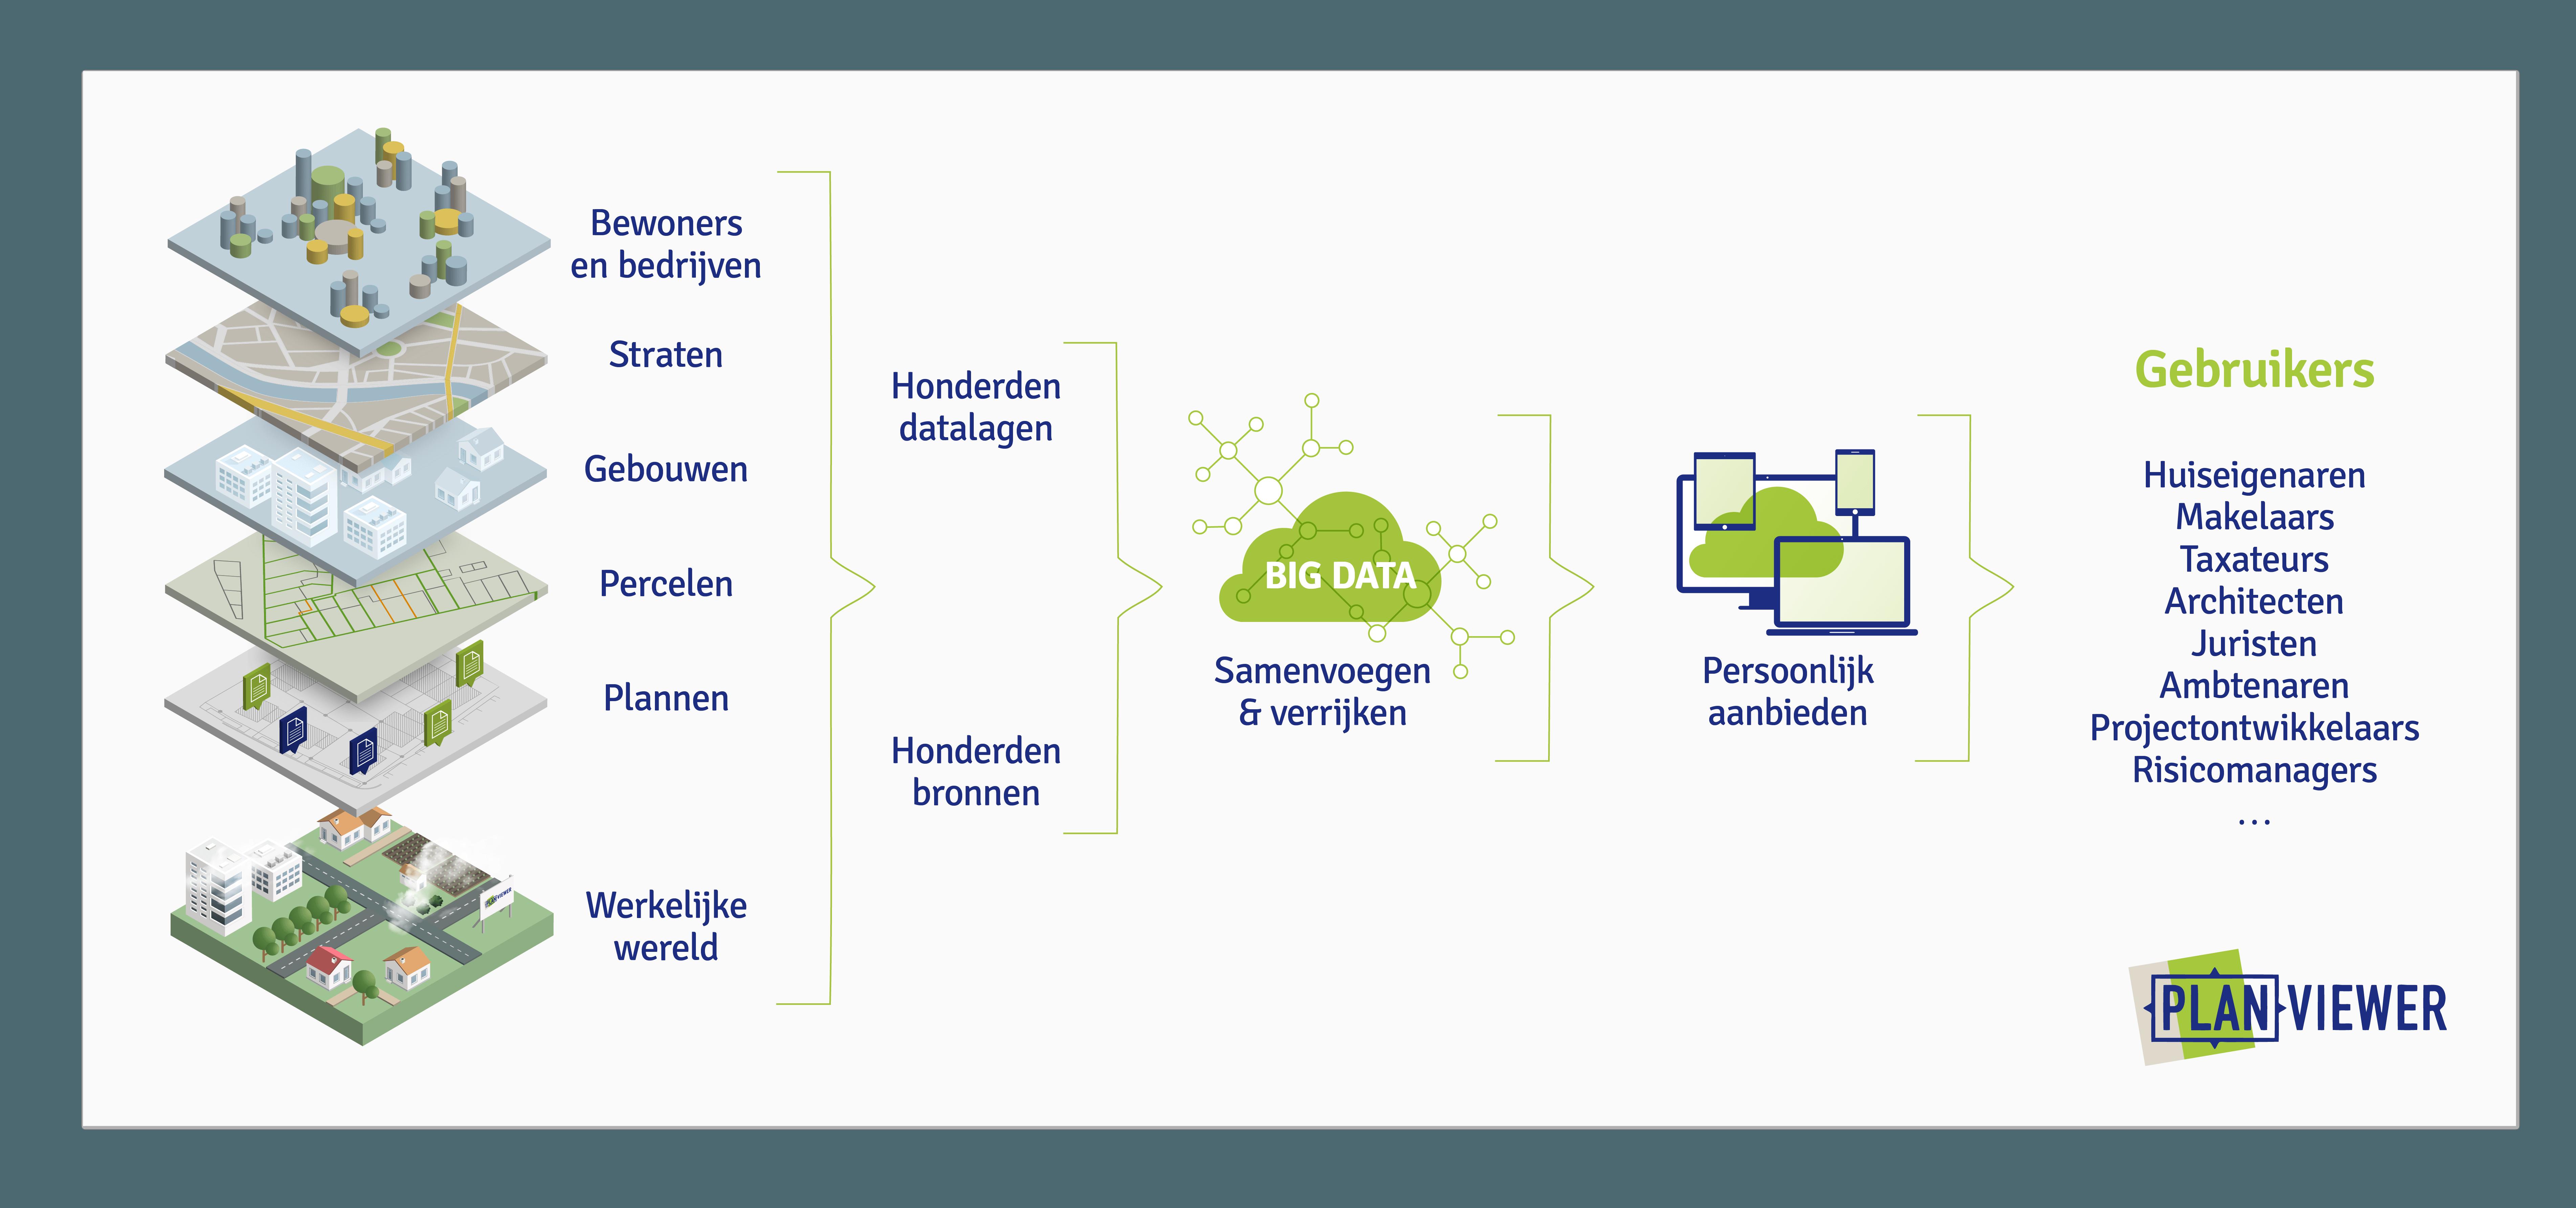 Het Planviewer Platform